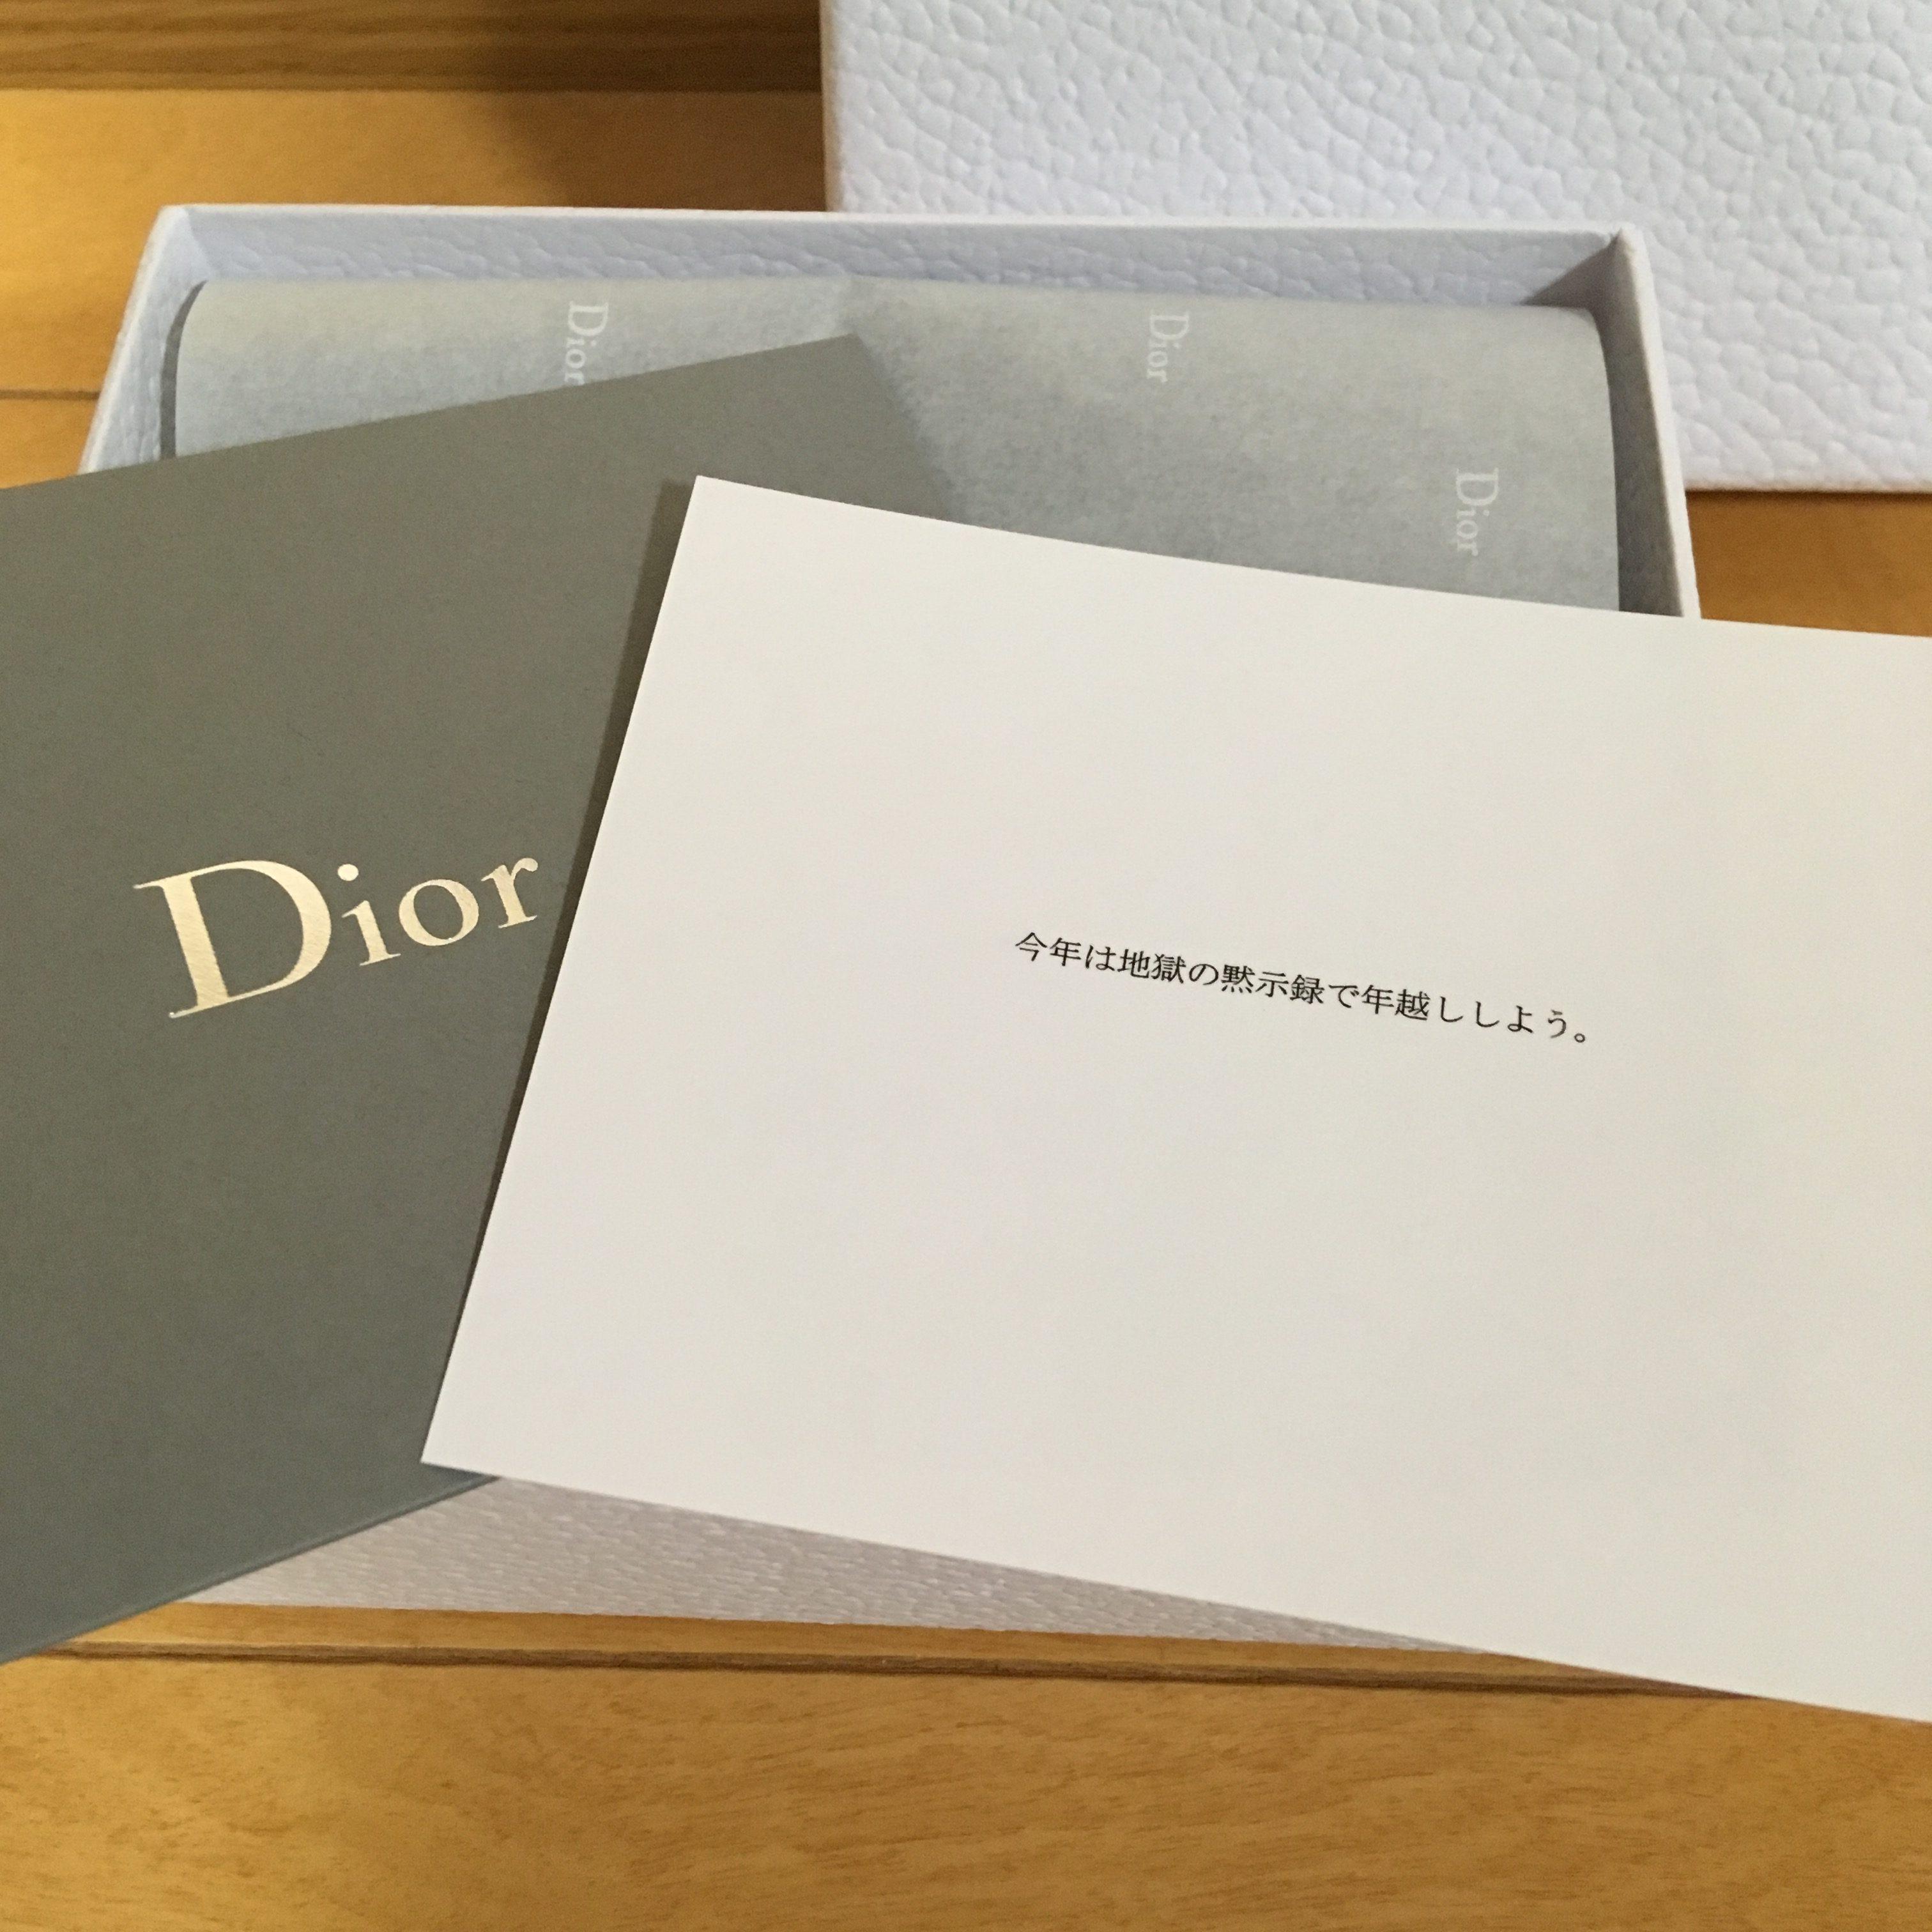 Dior ディオール オンラインブティック ギフトカード メッセージカード